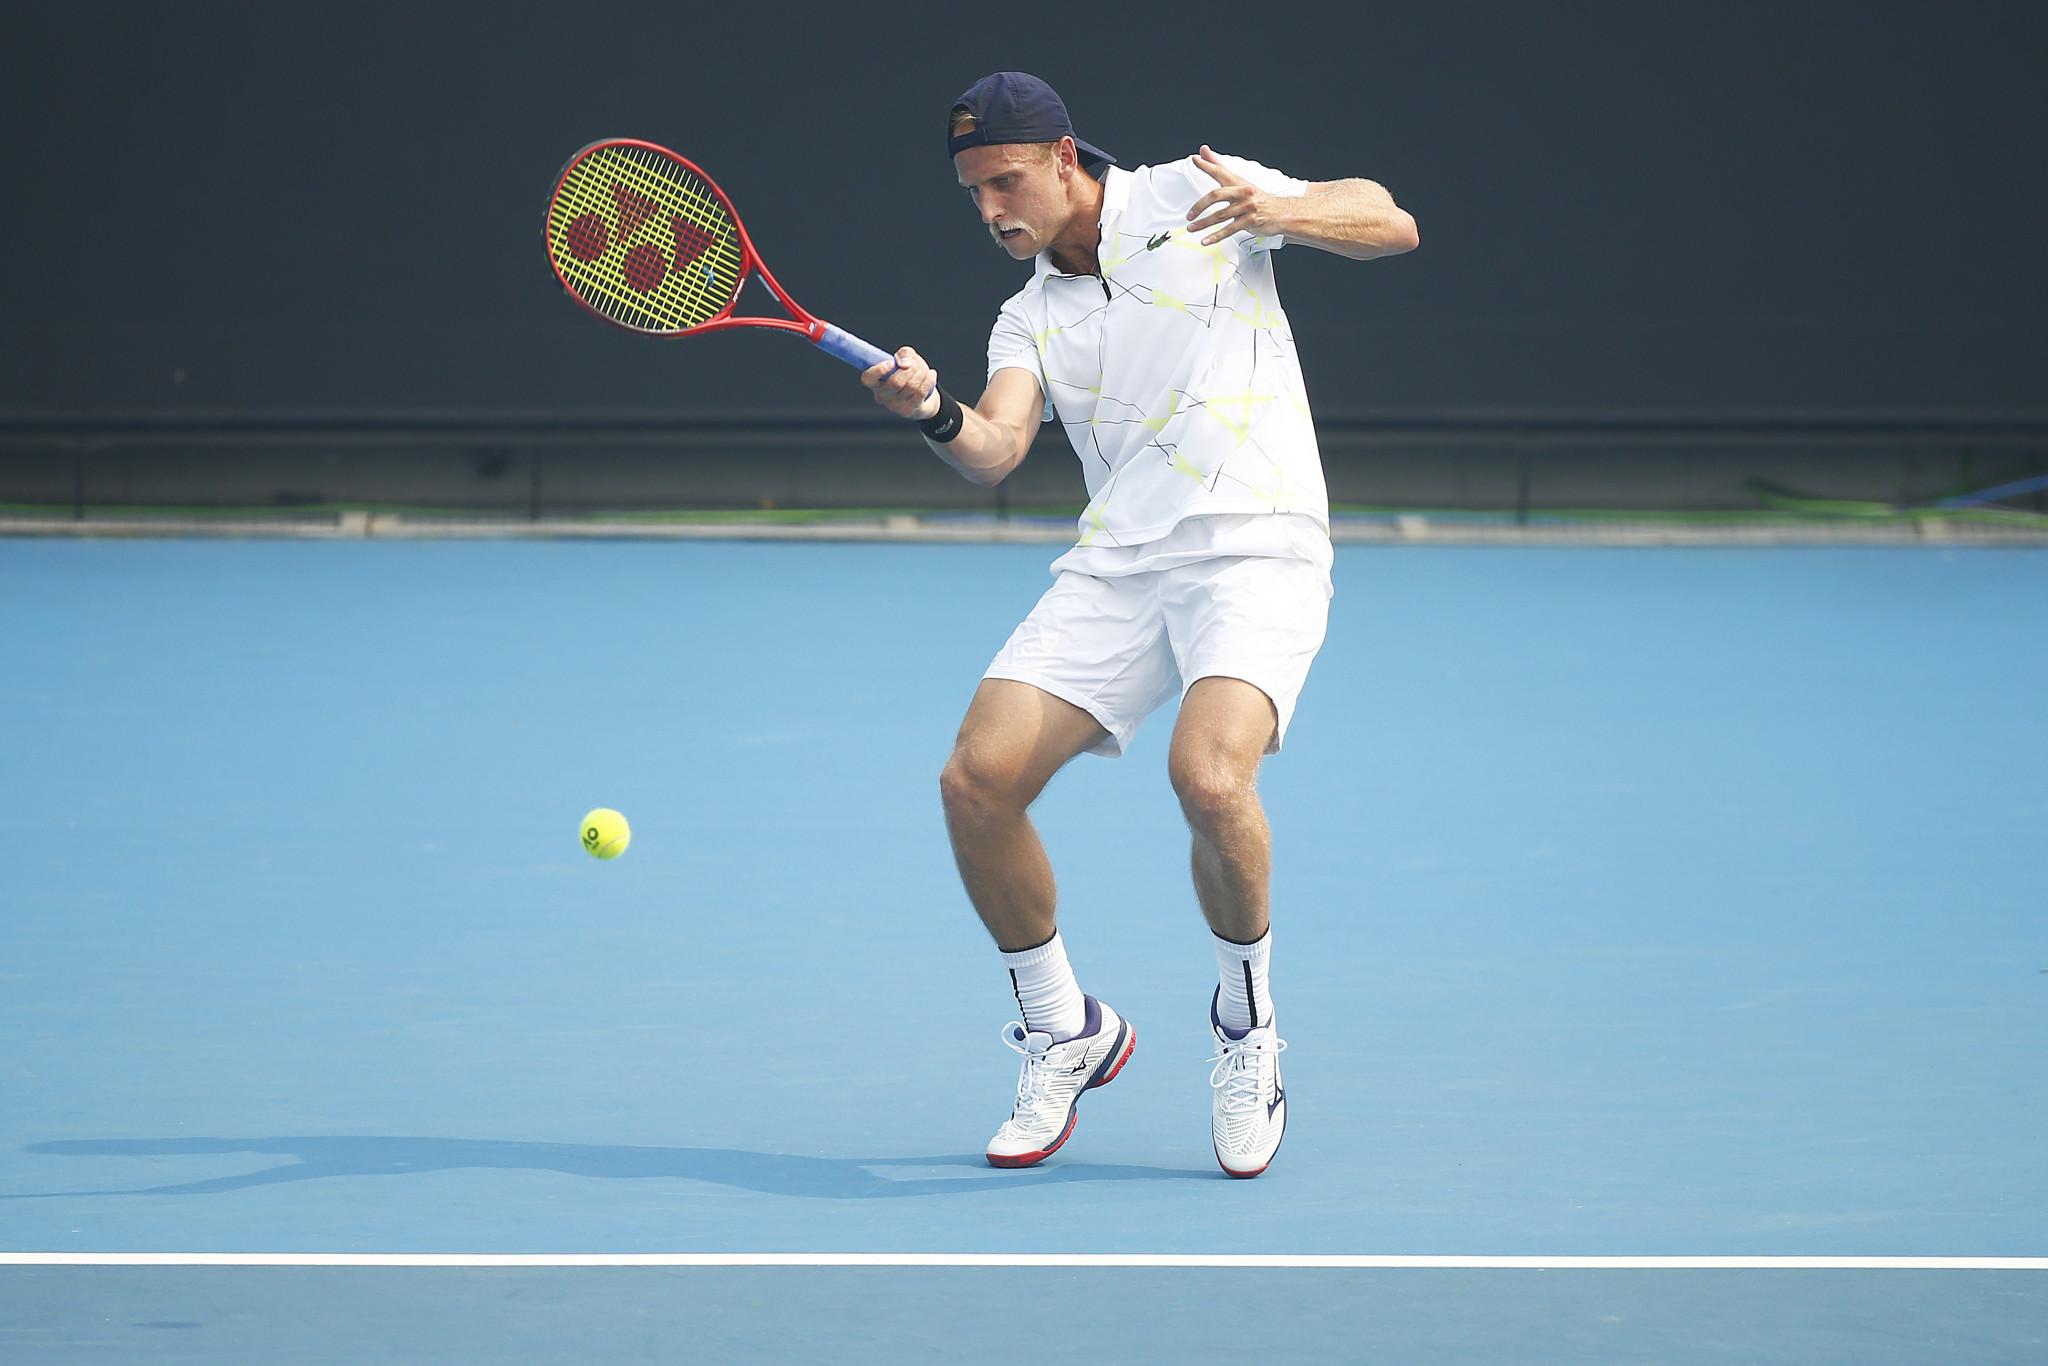 Jugador de tenis informó que padecía de coronavirus en medio del partido